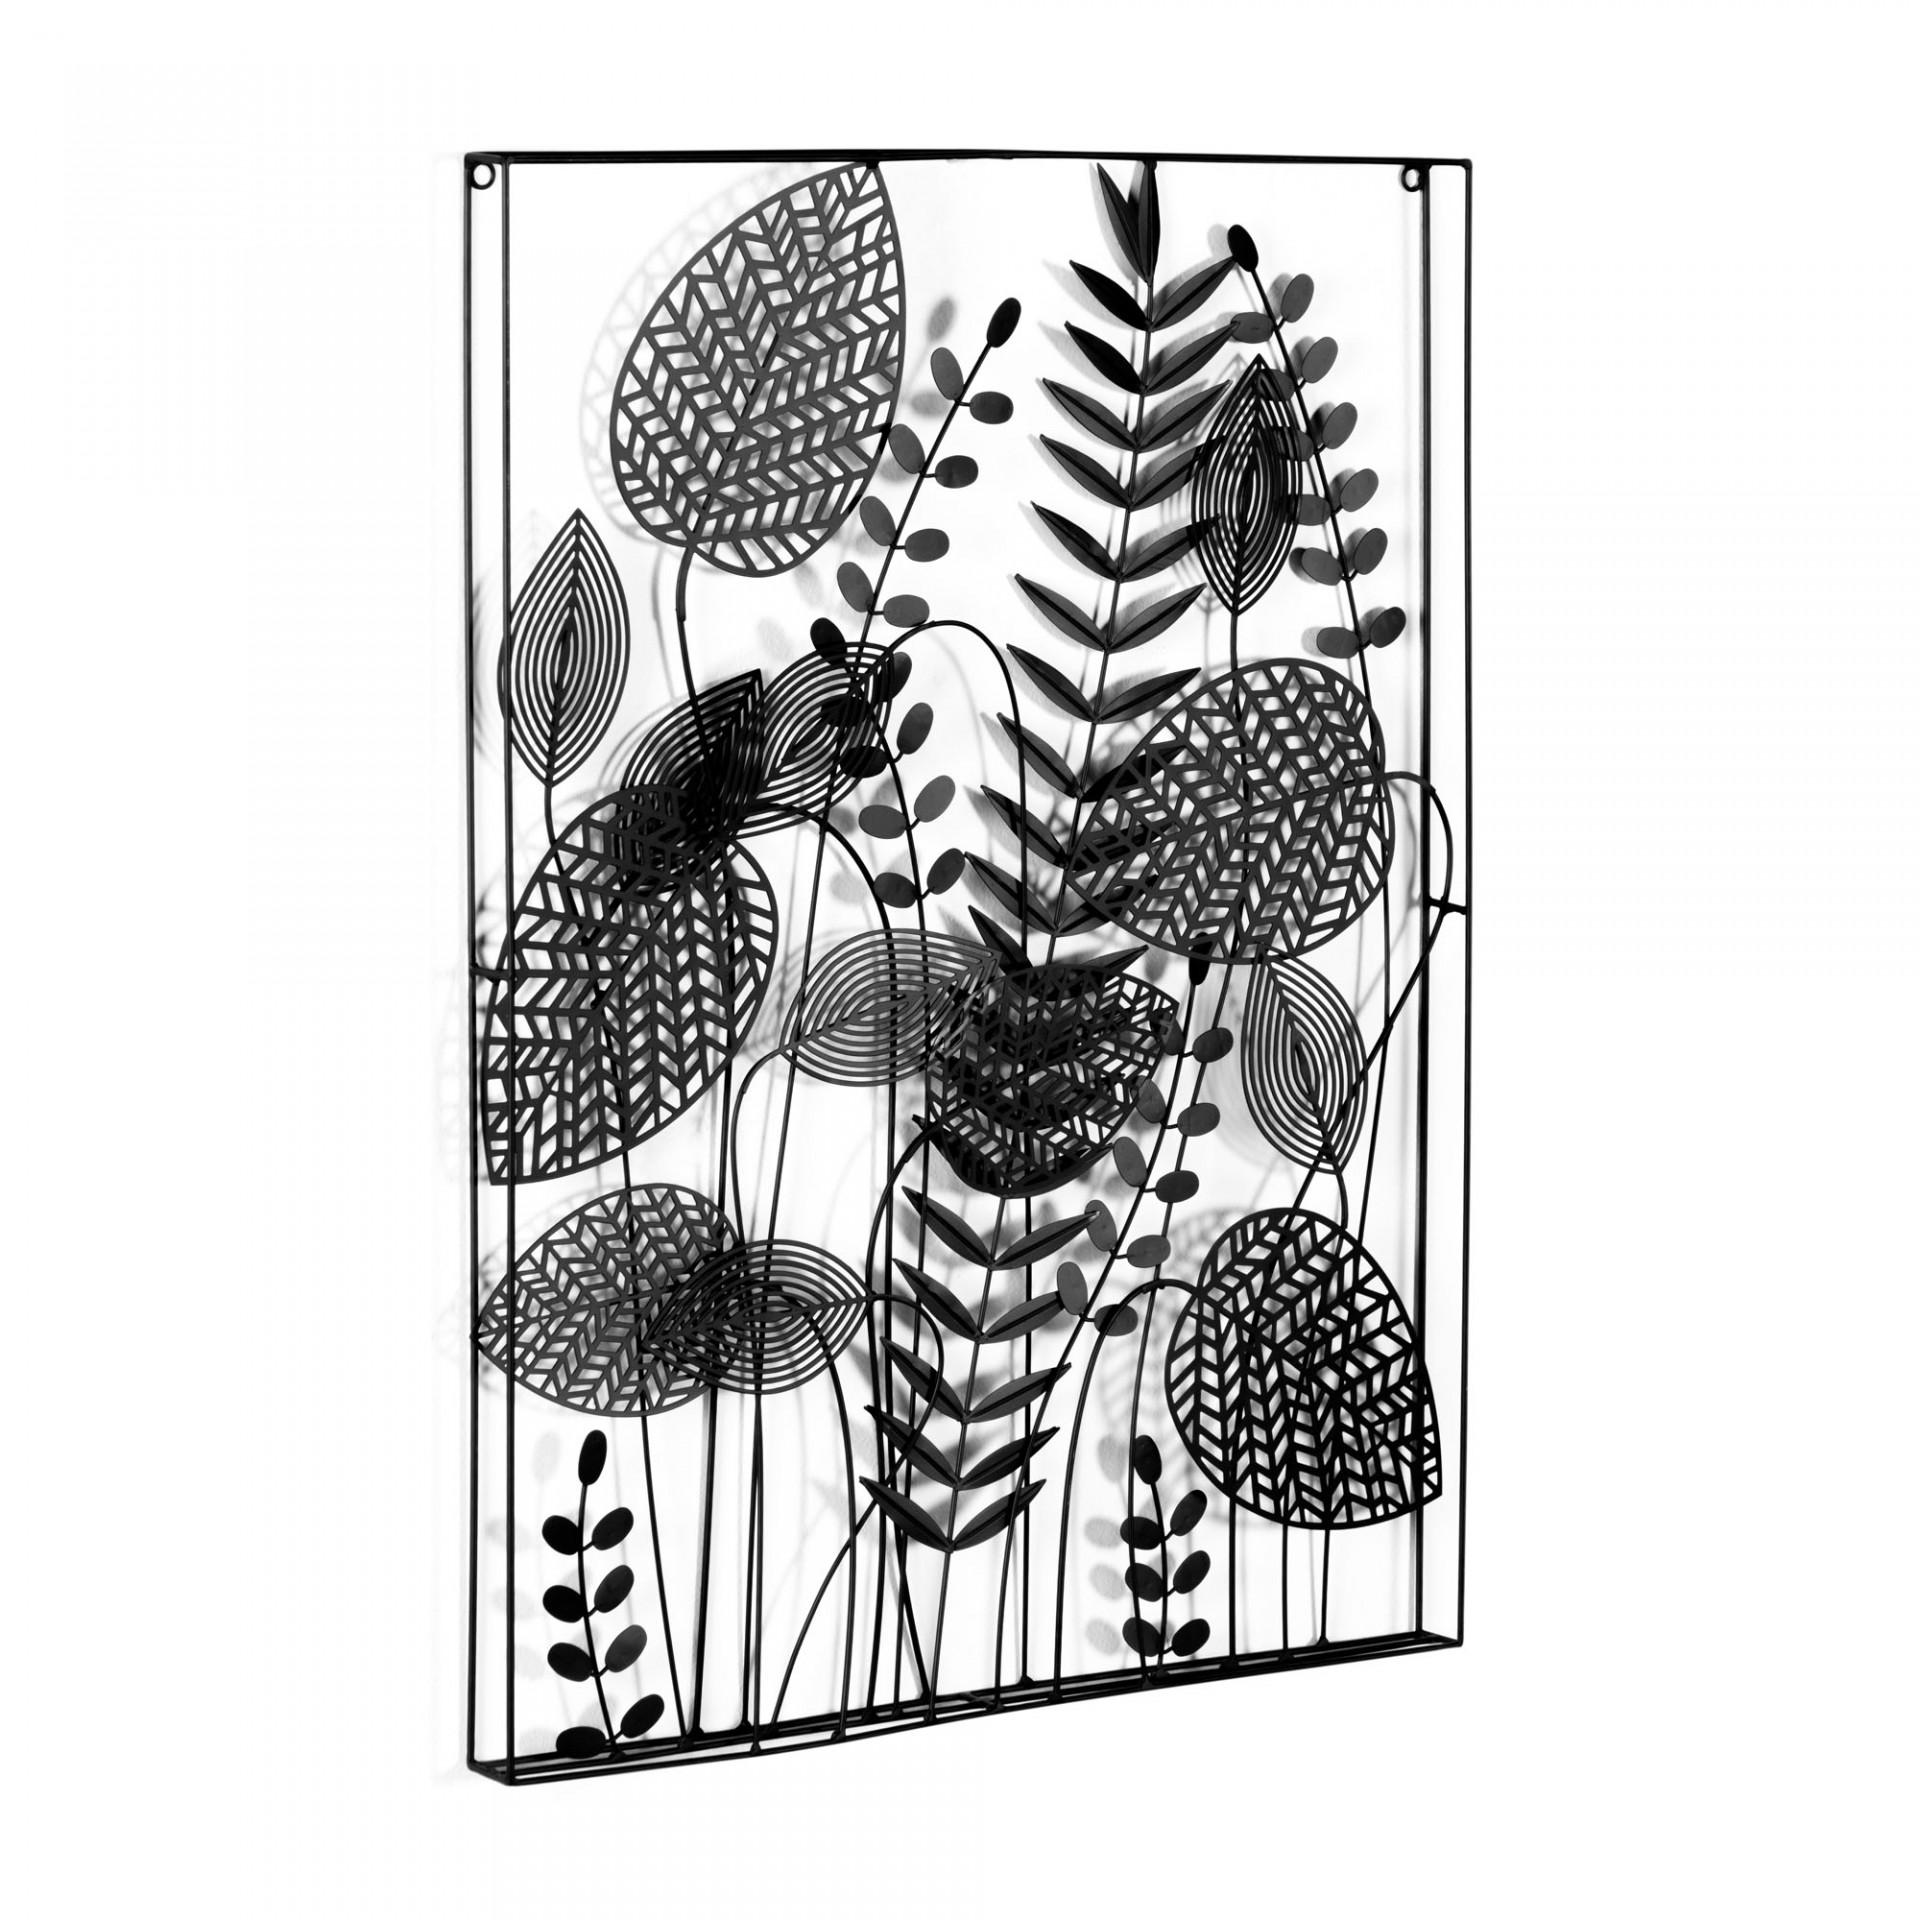 Quadro de parede Decenia, metal, preto, 81x61